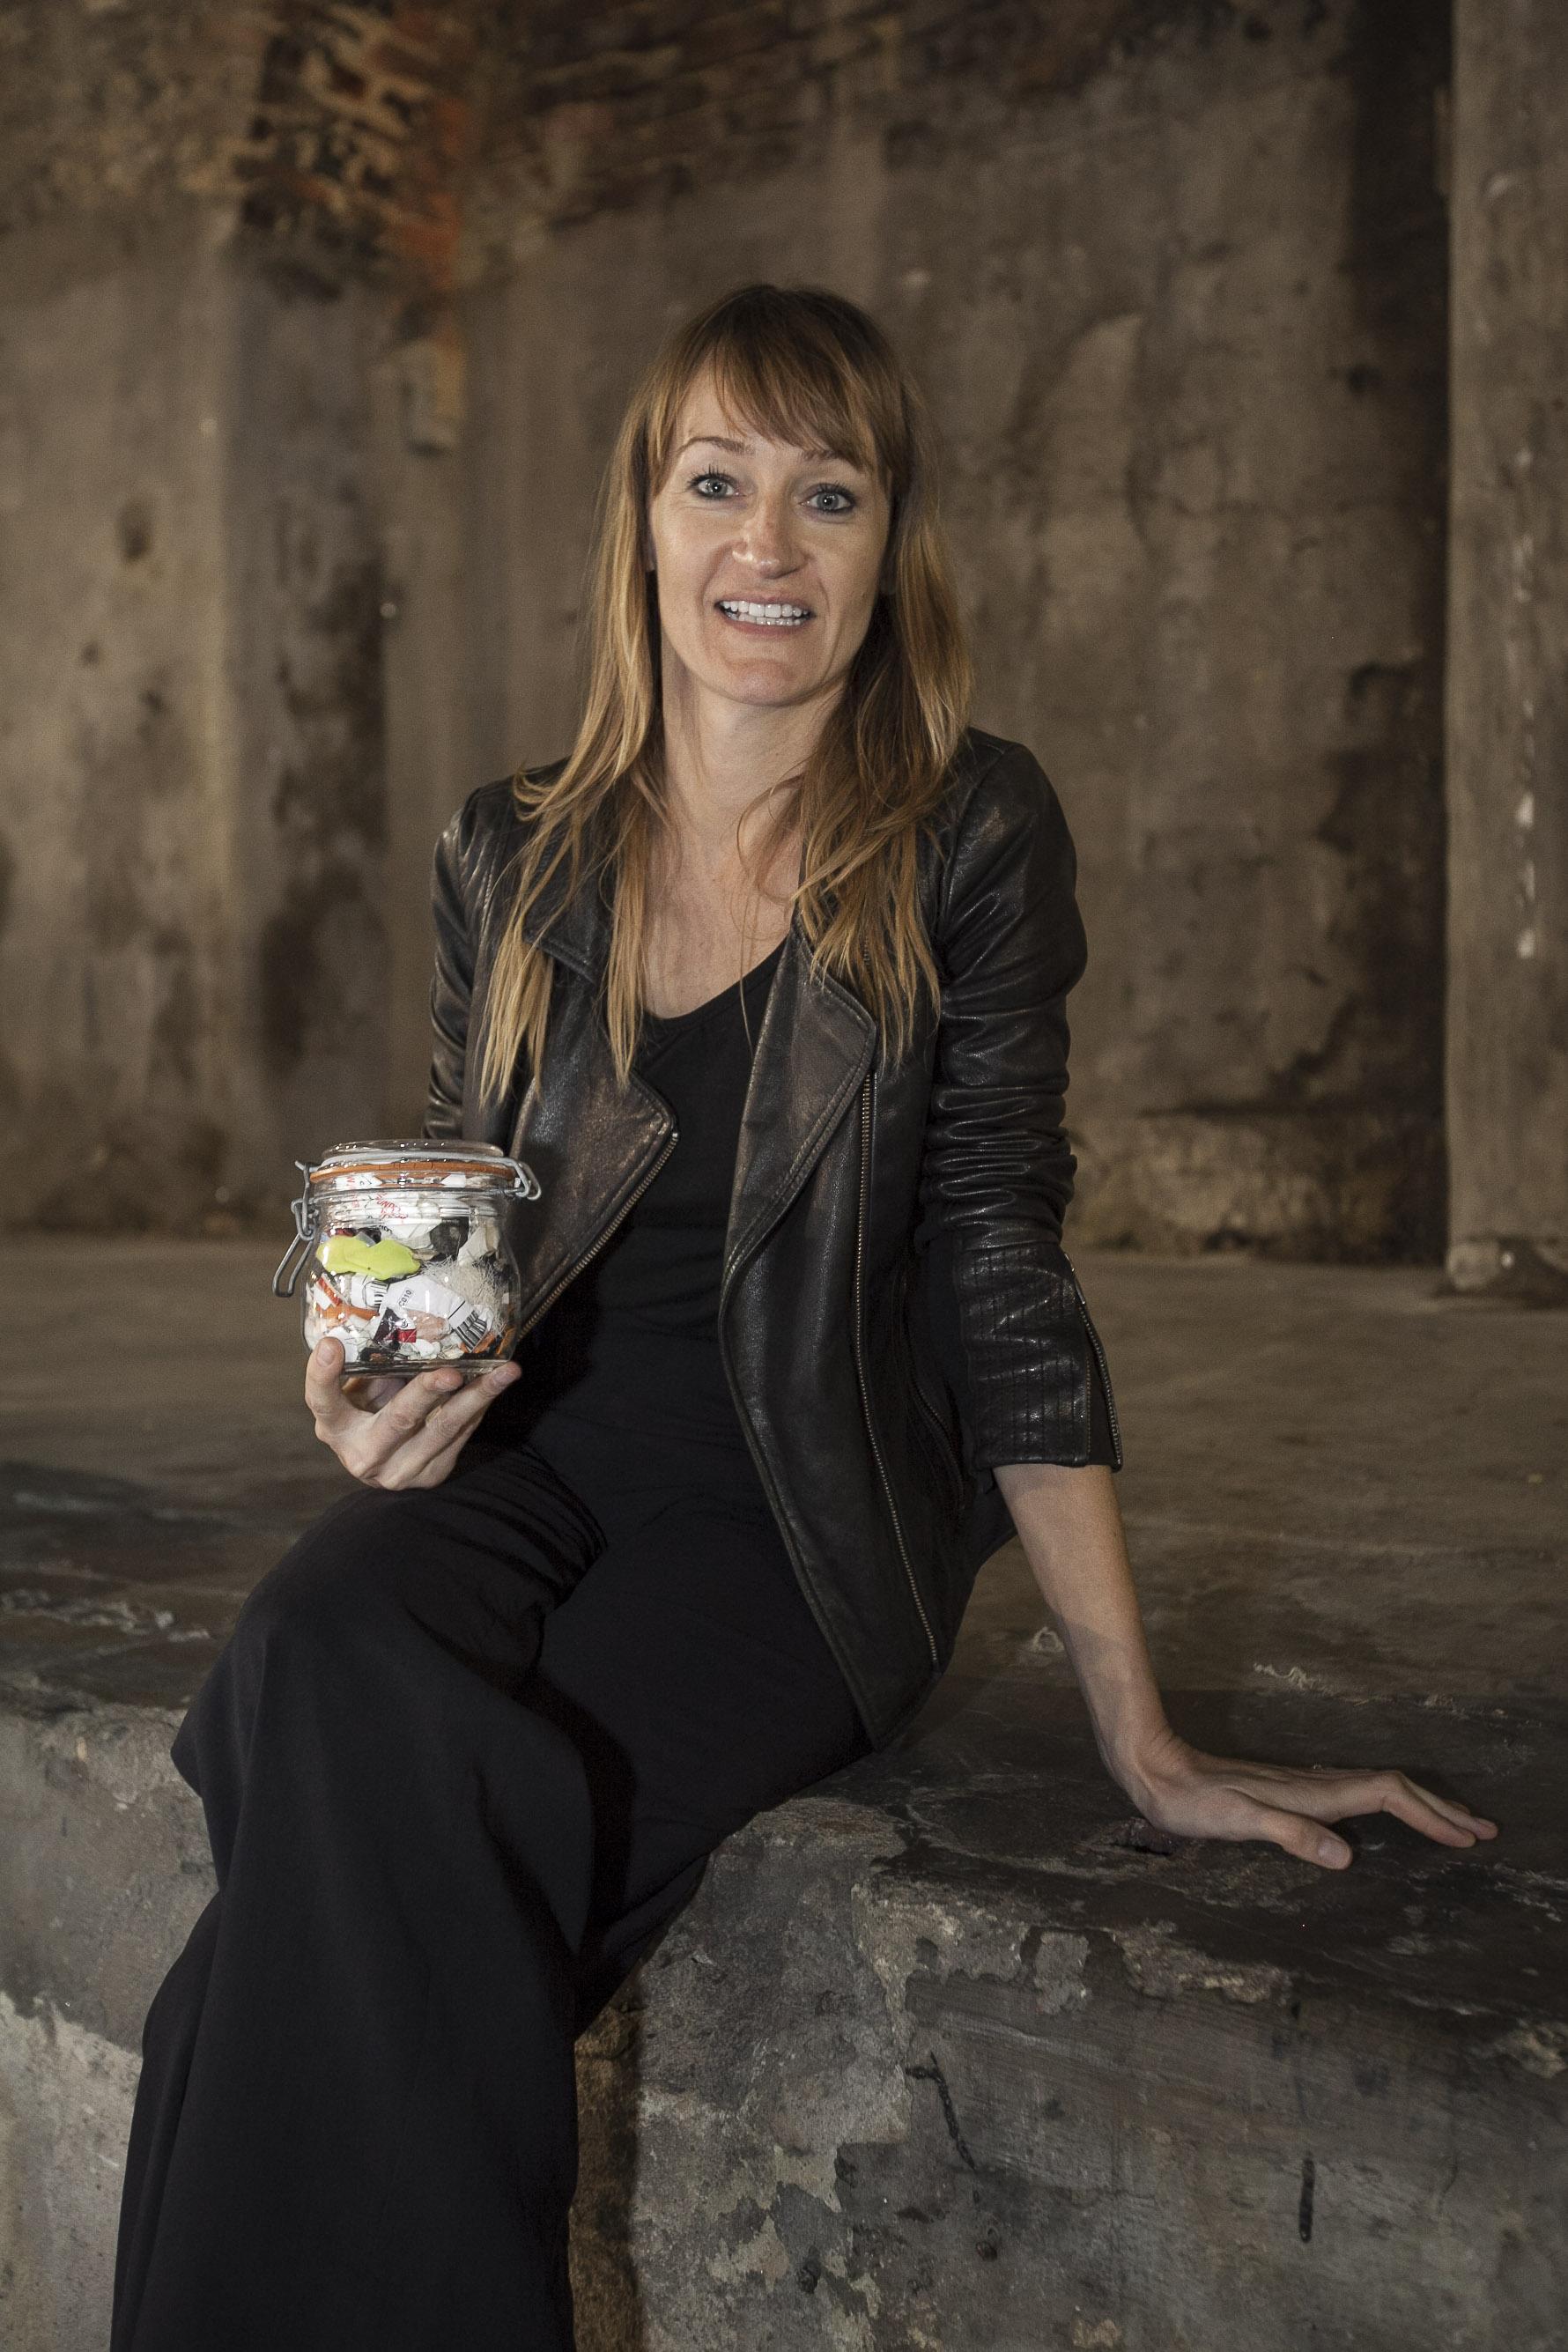 Bea Johnson a híres üvegével, melyben a család 1 éves hulladéka található - Copyright: Bea Johnson, ZeroWasteHome.com